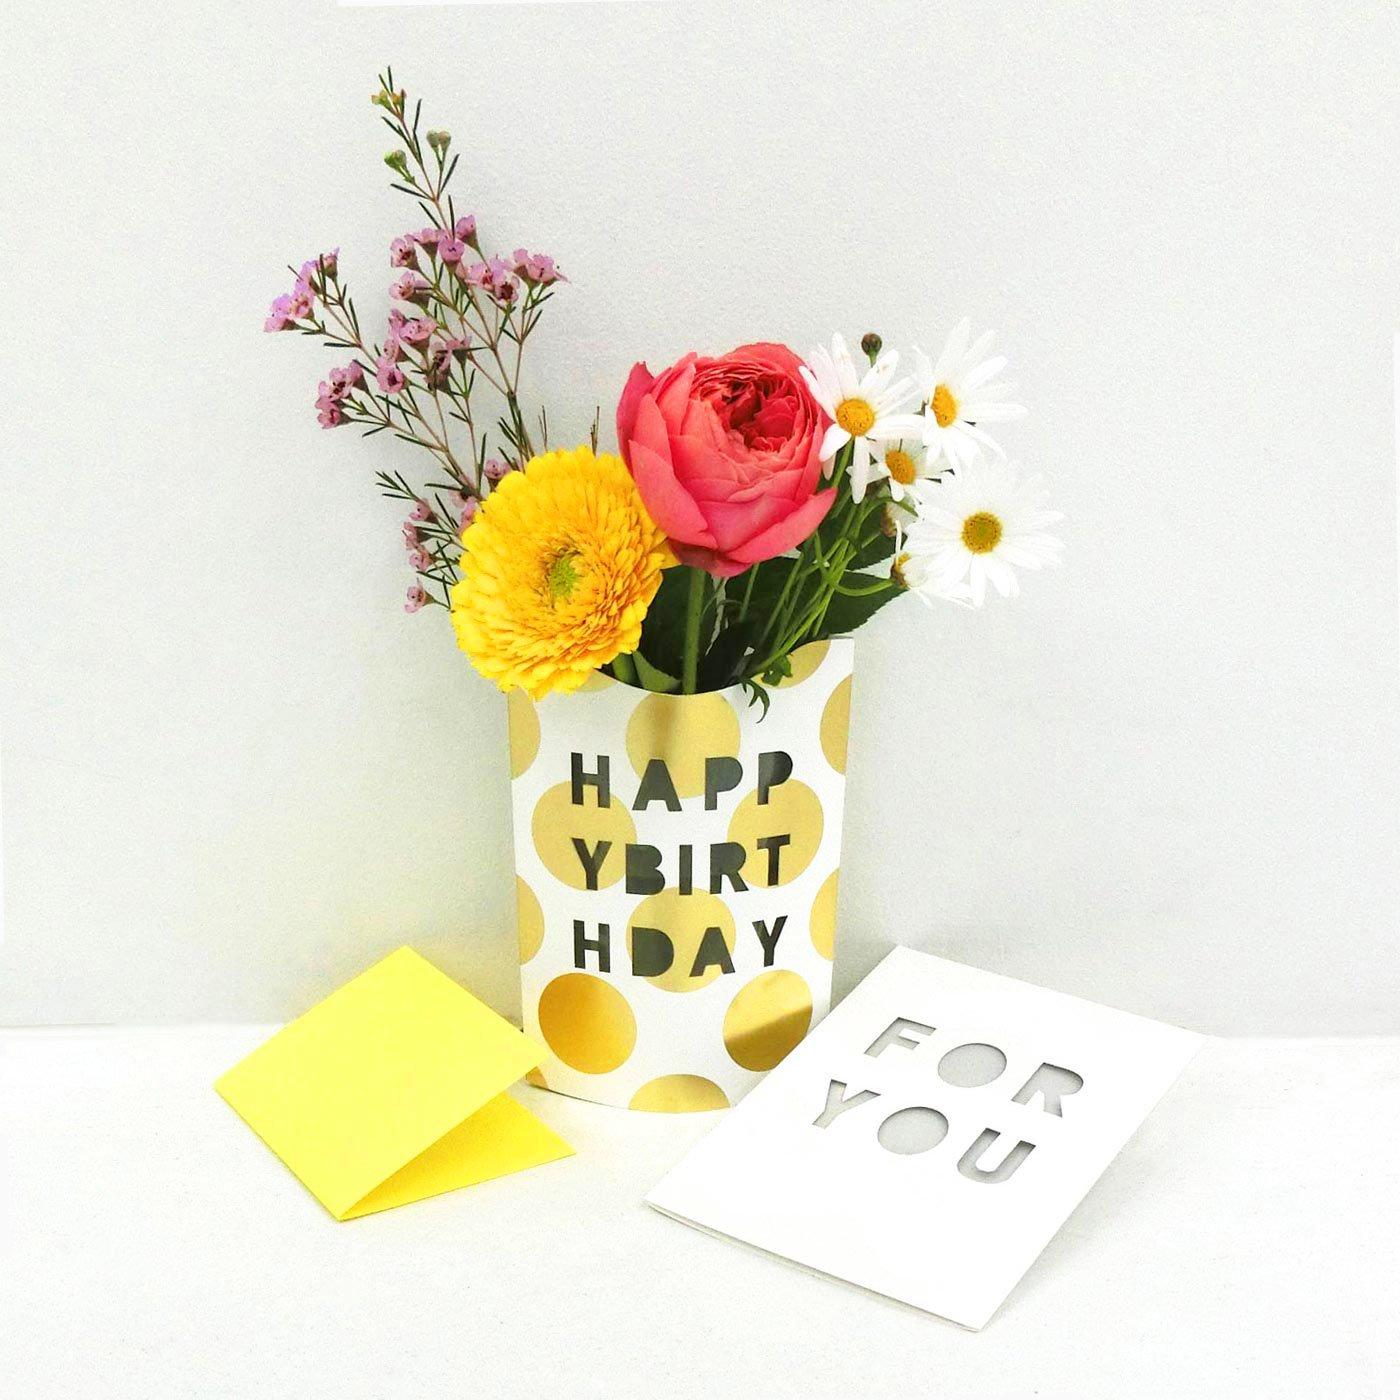 贈るのも贈られるのもうれしい! 花びんになるメッセージカードセット